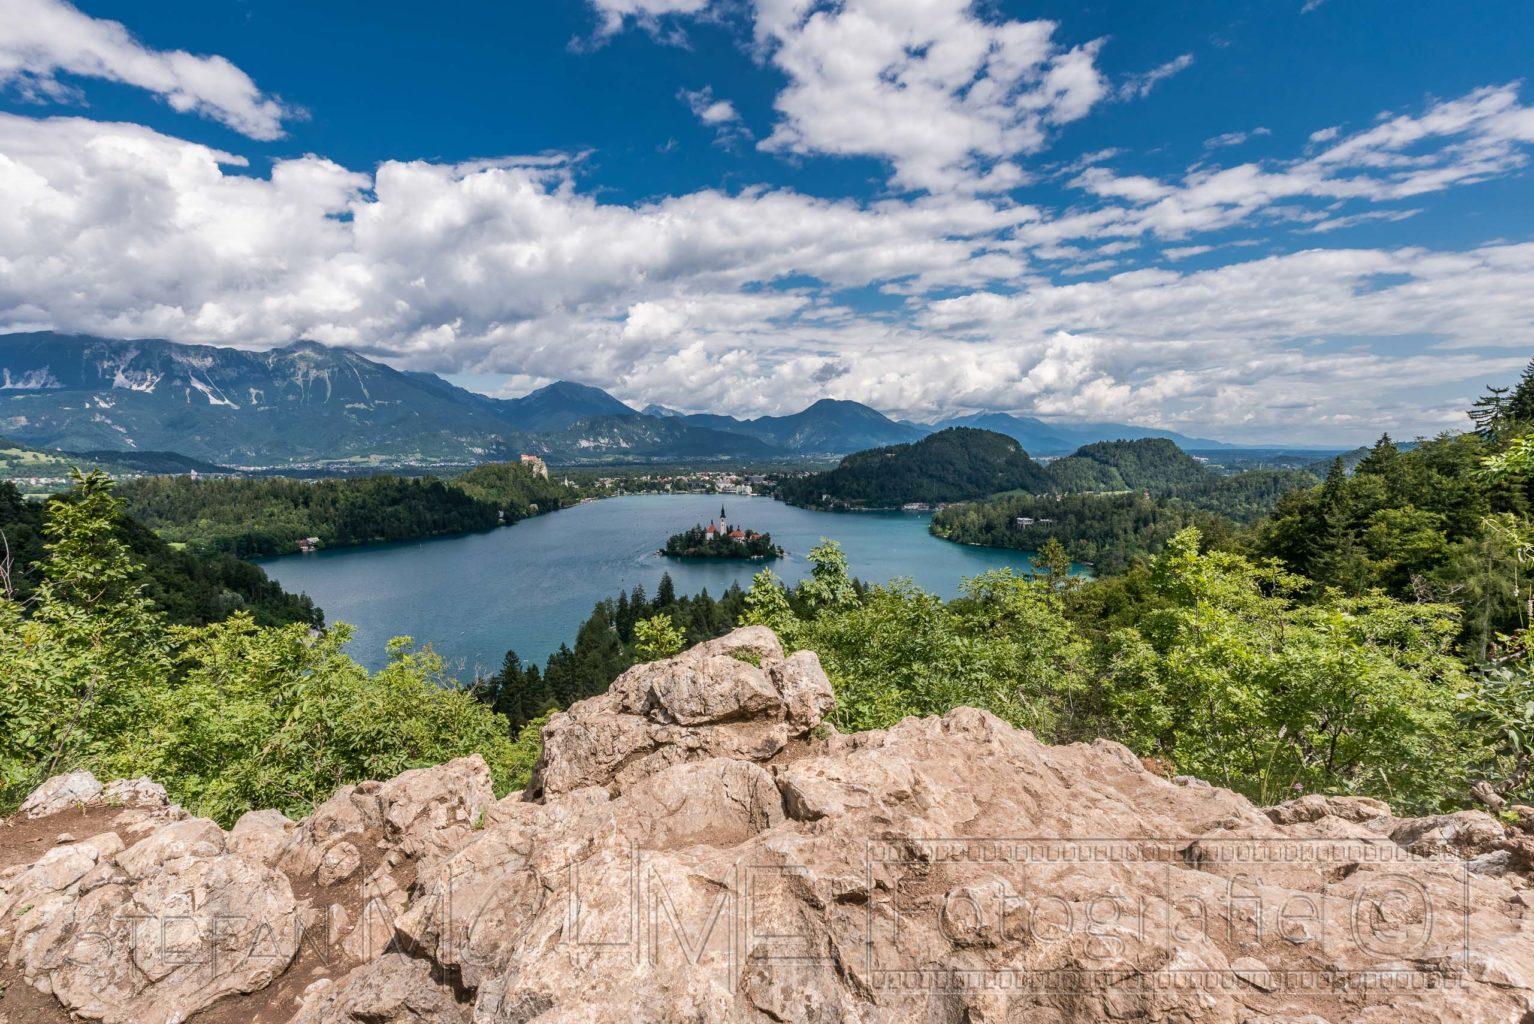 Slowenien, ein Paradies für Outdoor Fans!